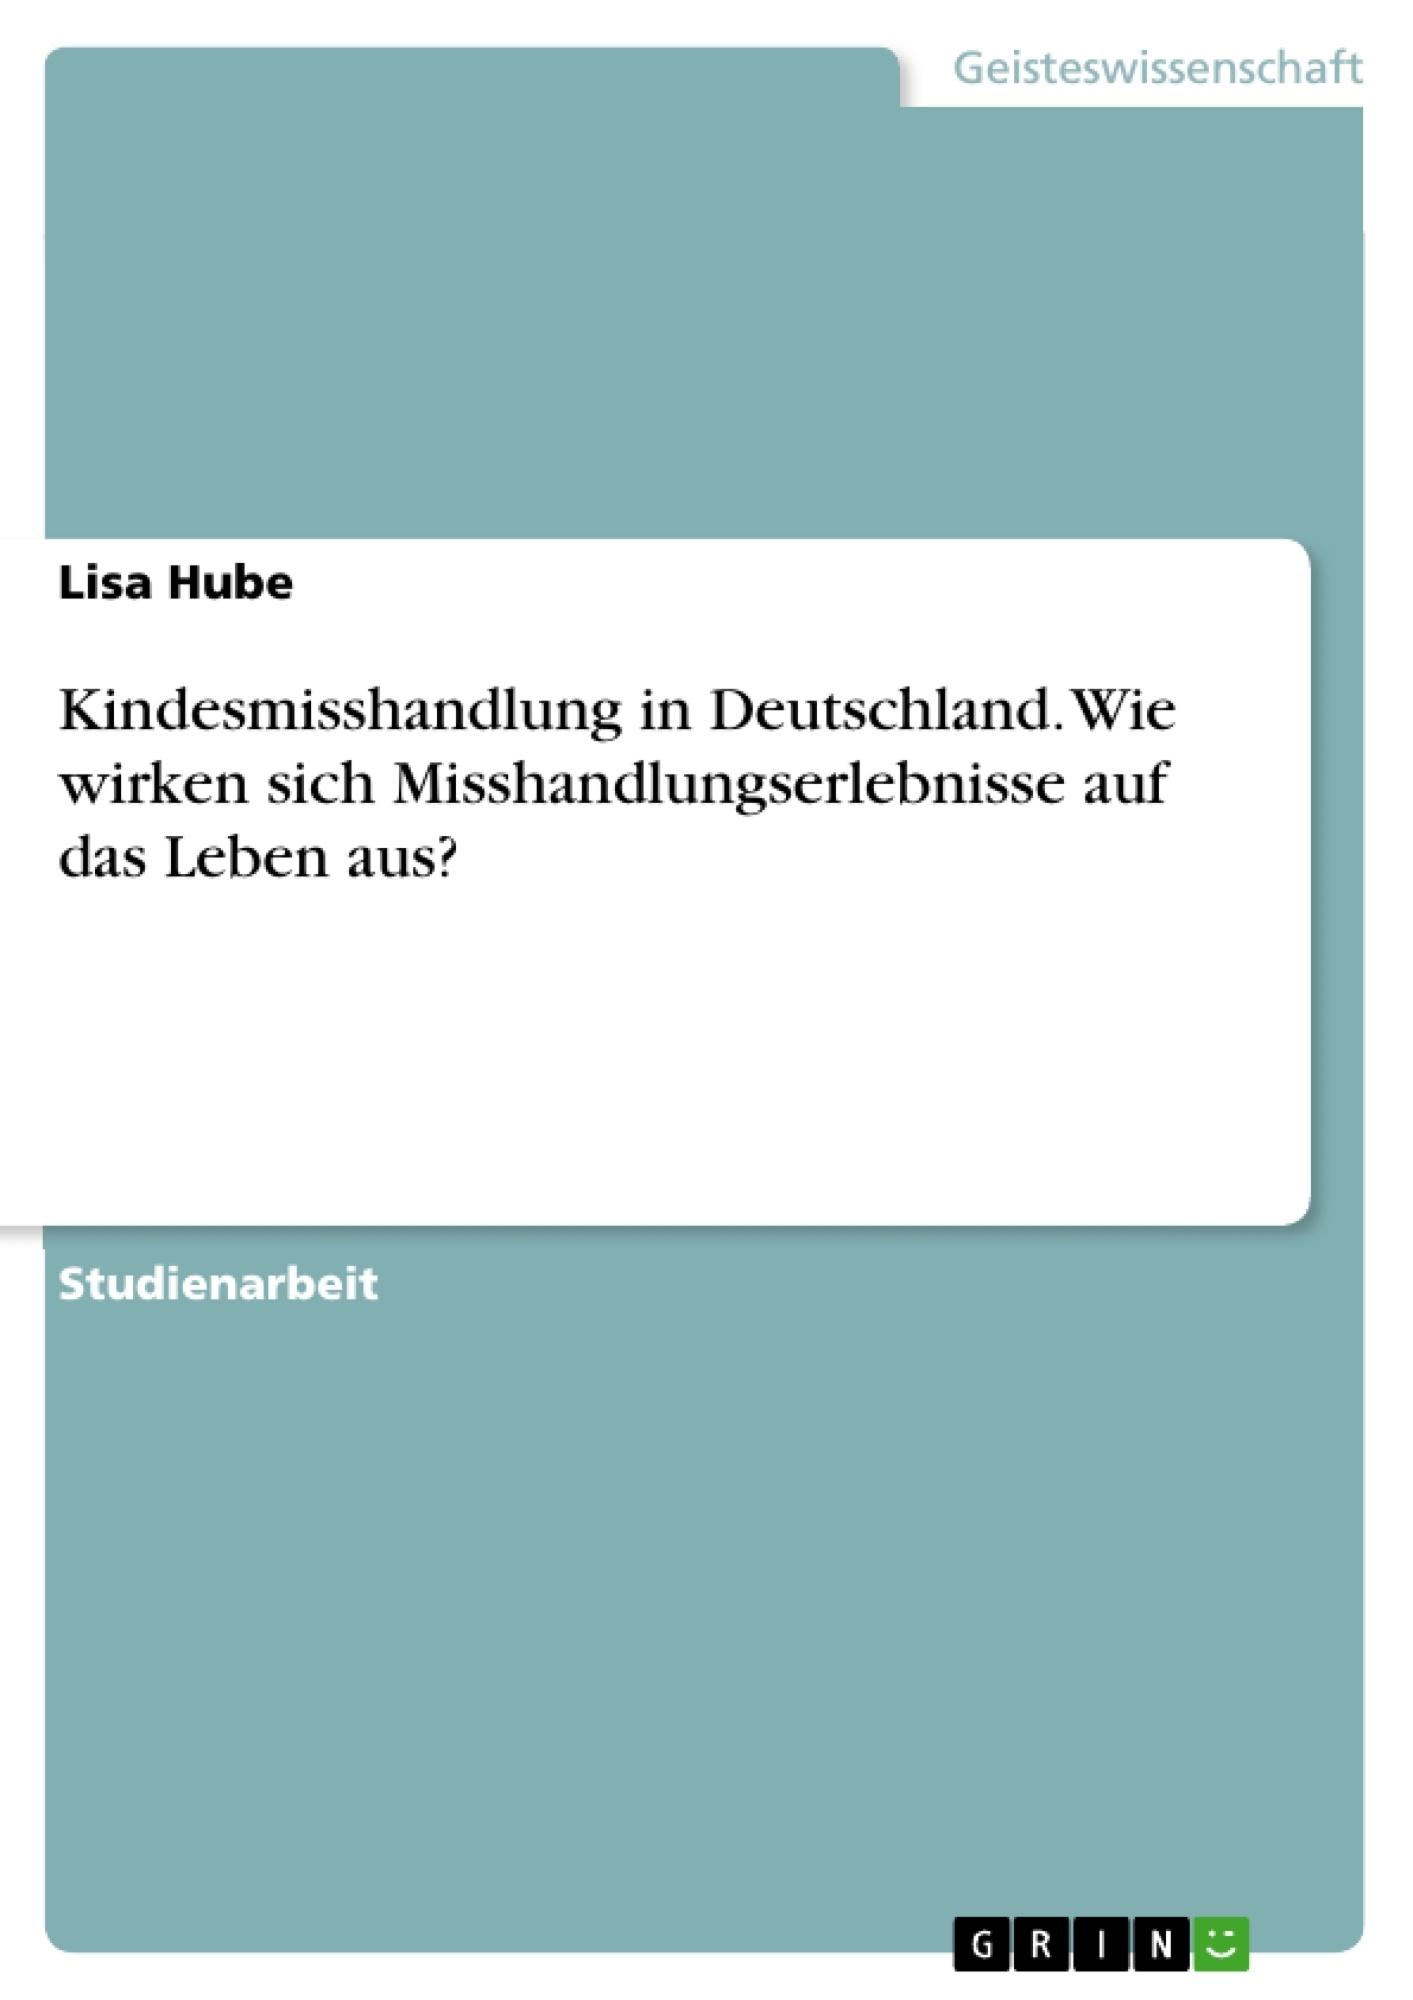 Titel: Kindesmisshandlung in Deutschland. Wie wirken sich Misshandlungserlebnisse auf das Leben aus?